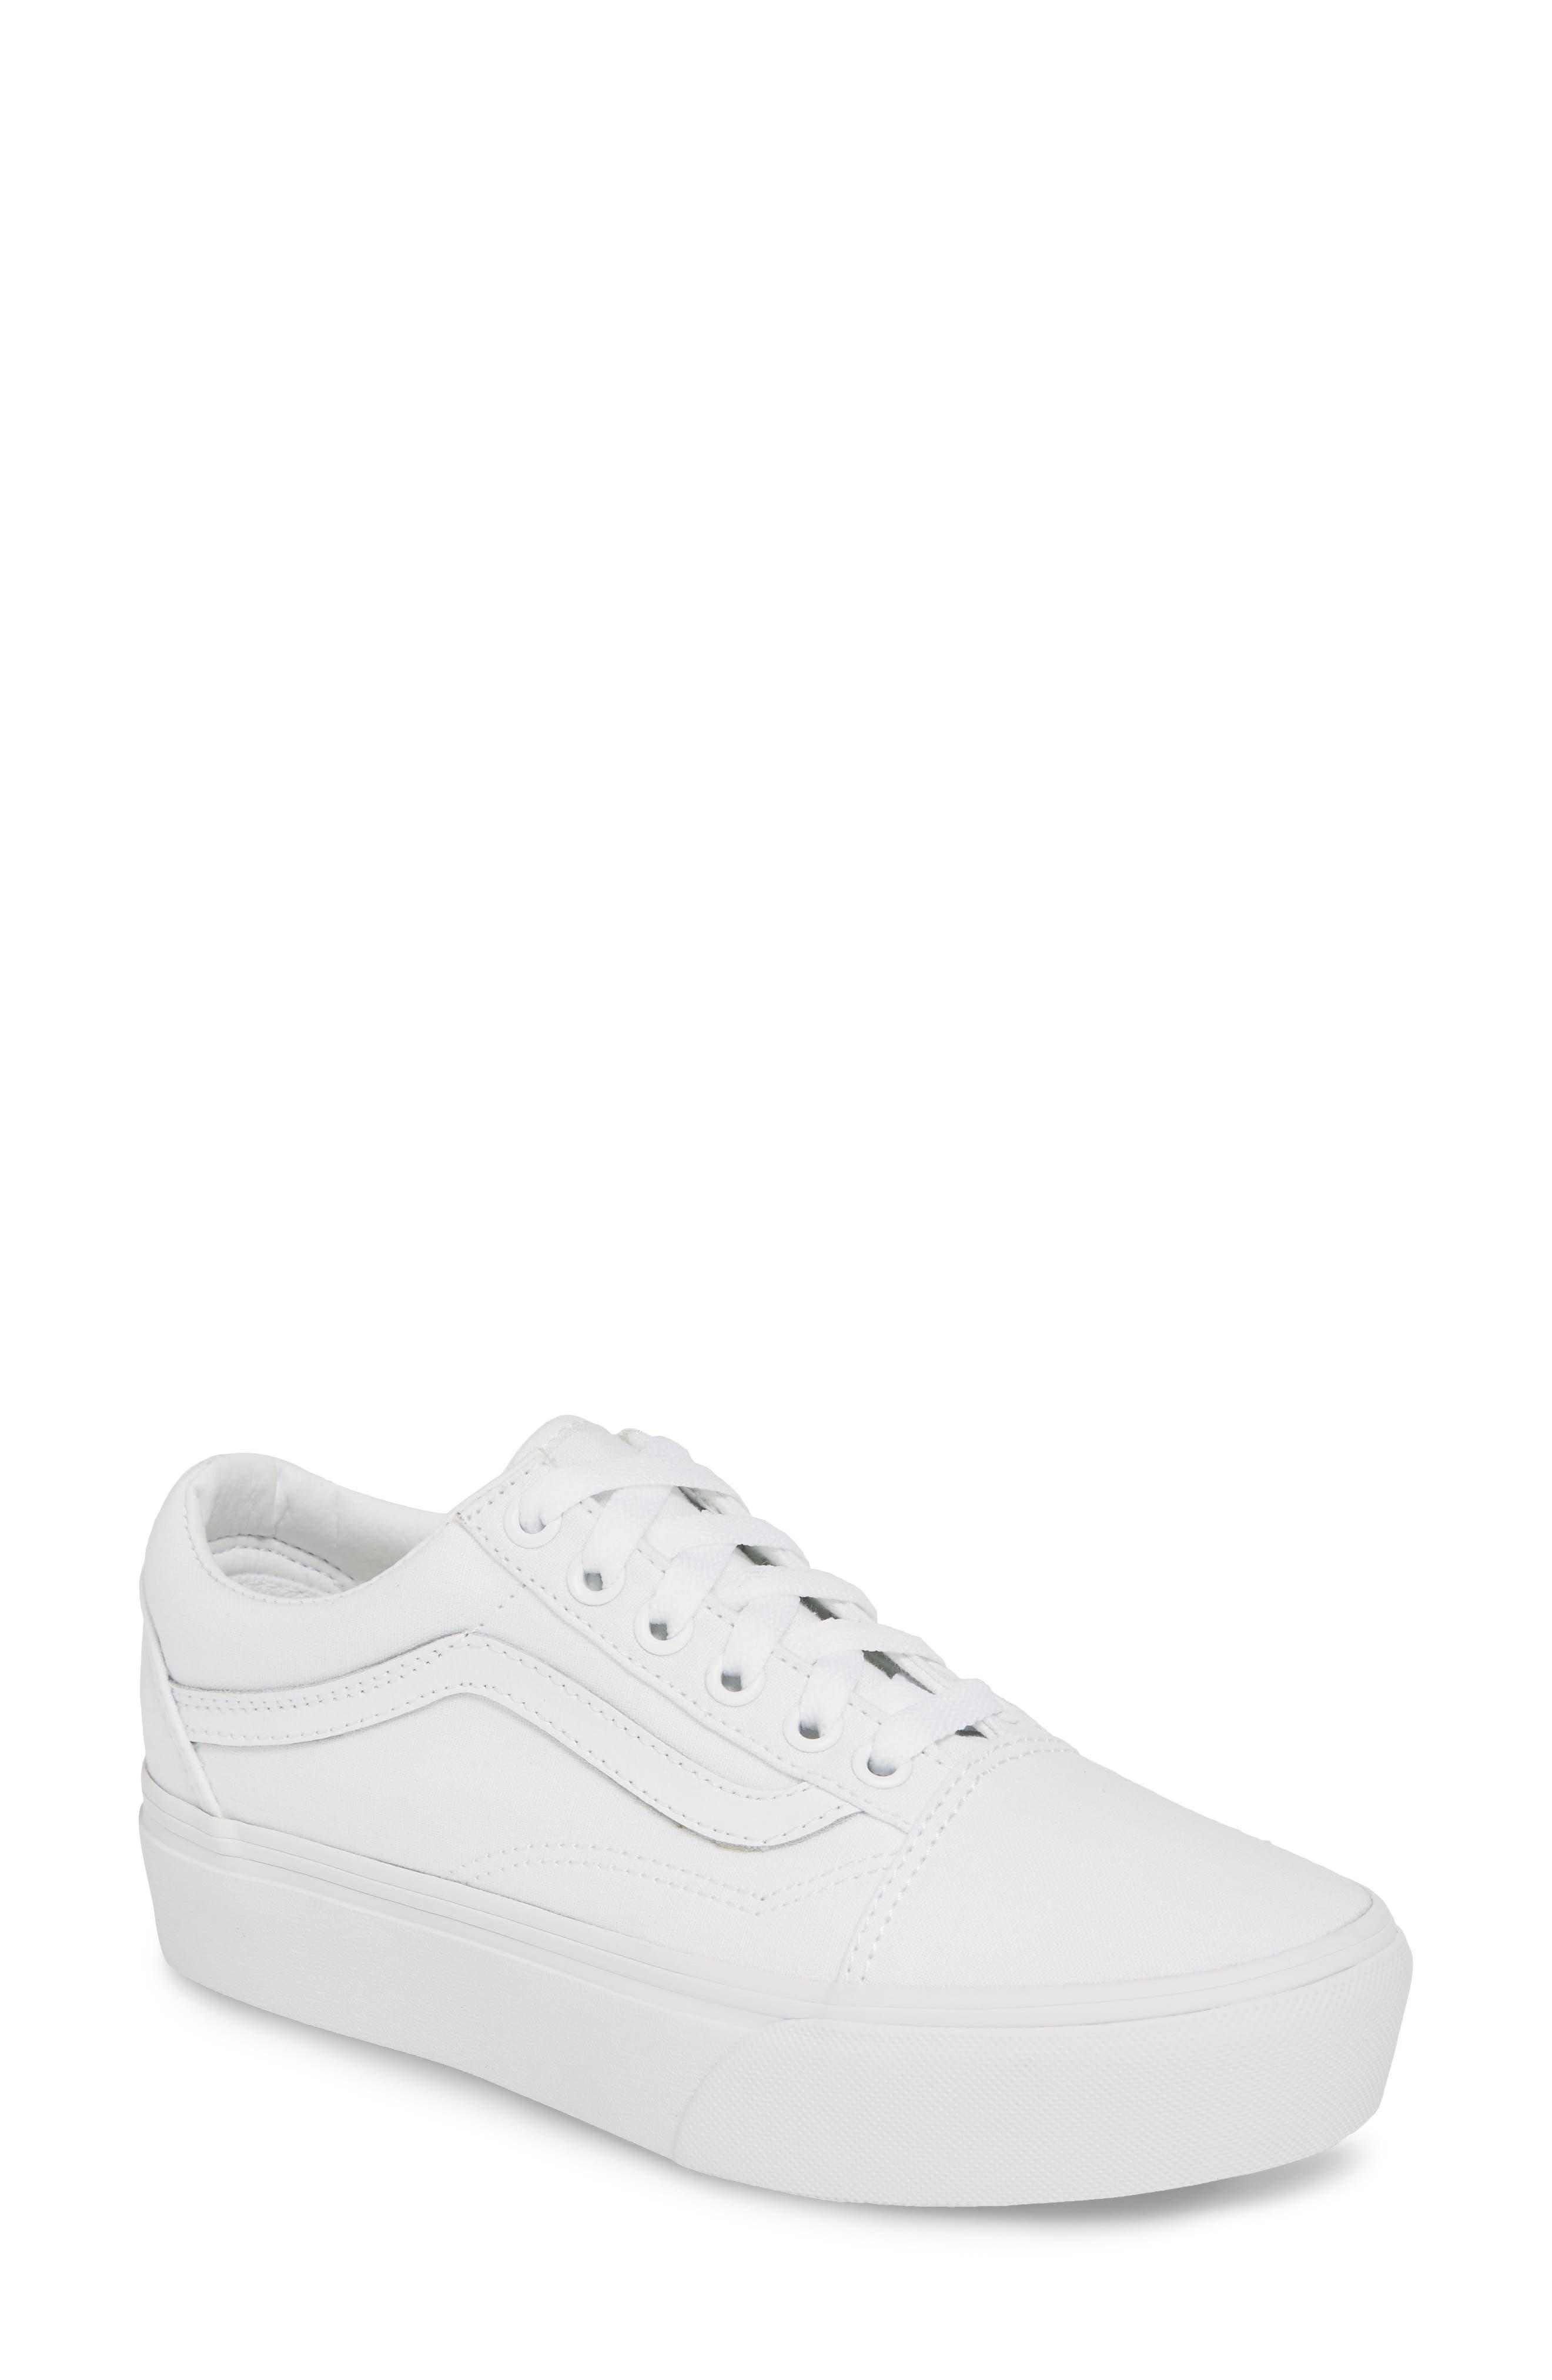 Vans Old Skool Platform Sneaker, White